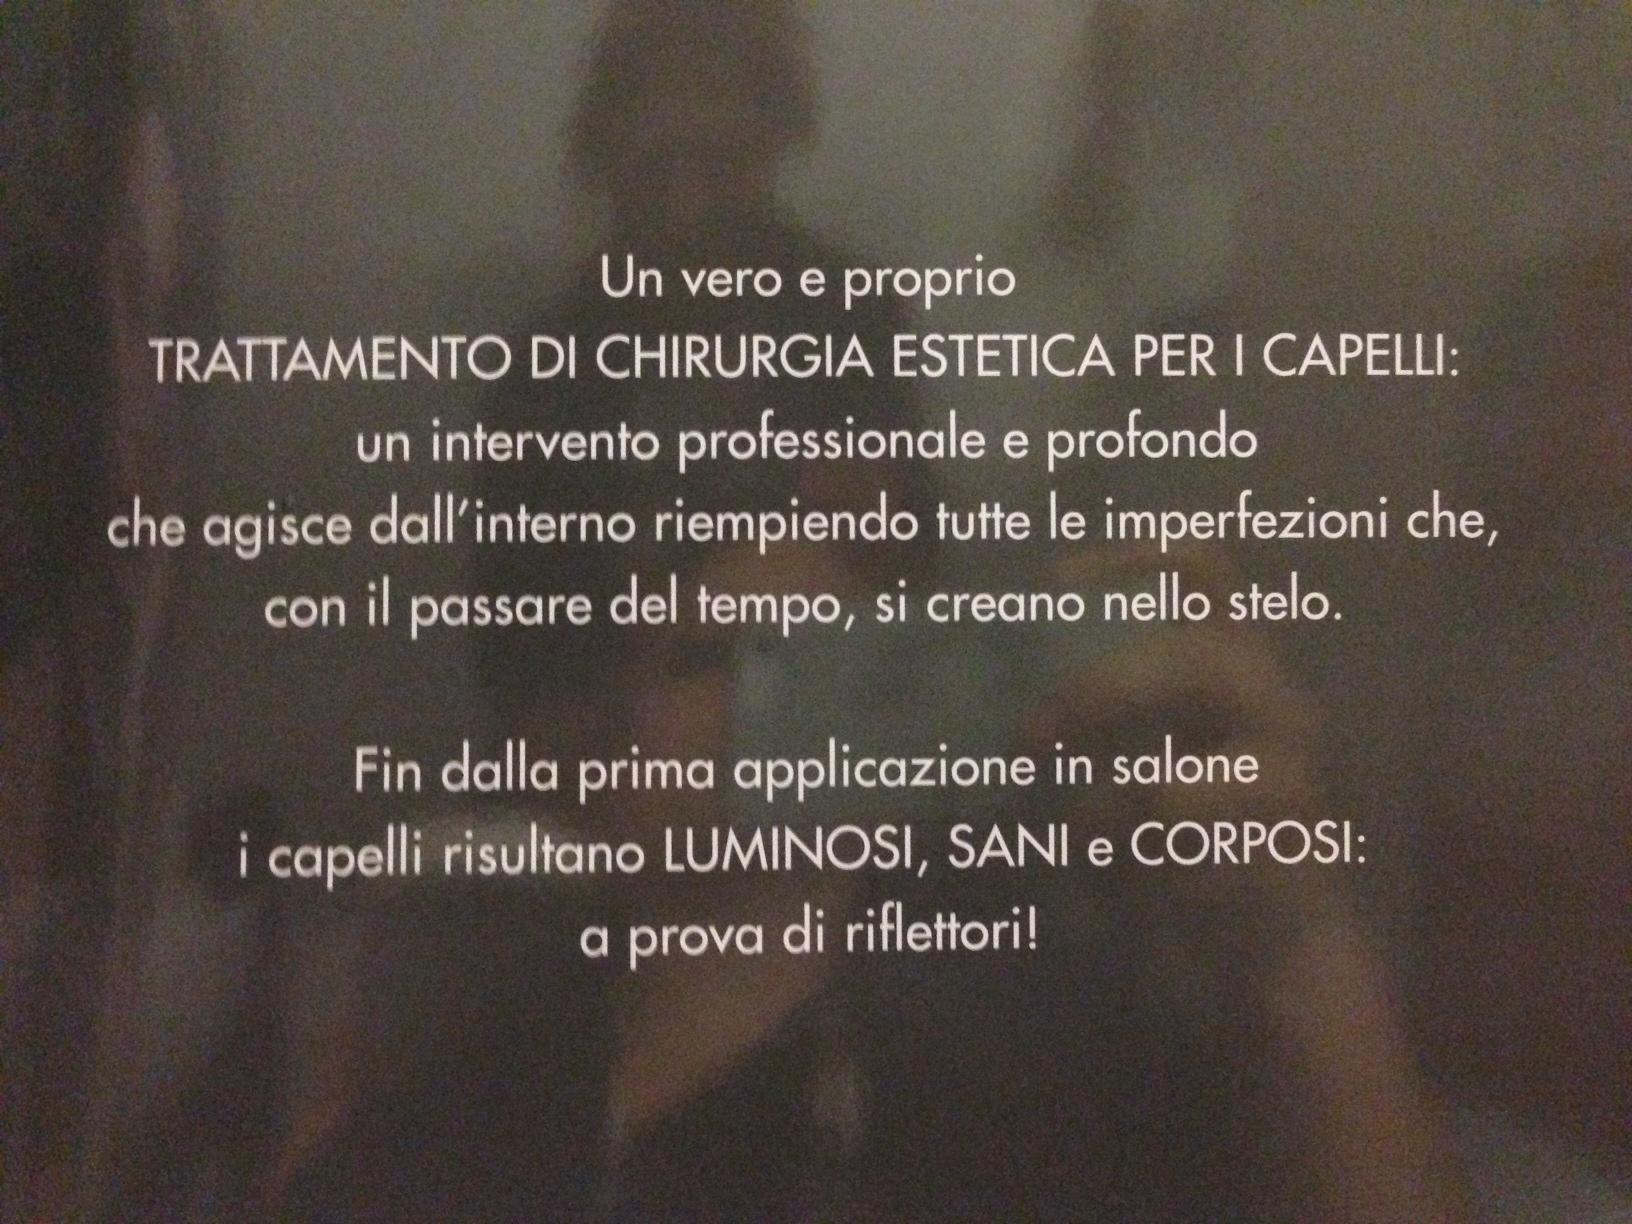 Chirurgia Estetica per Capelli!